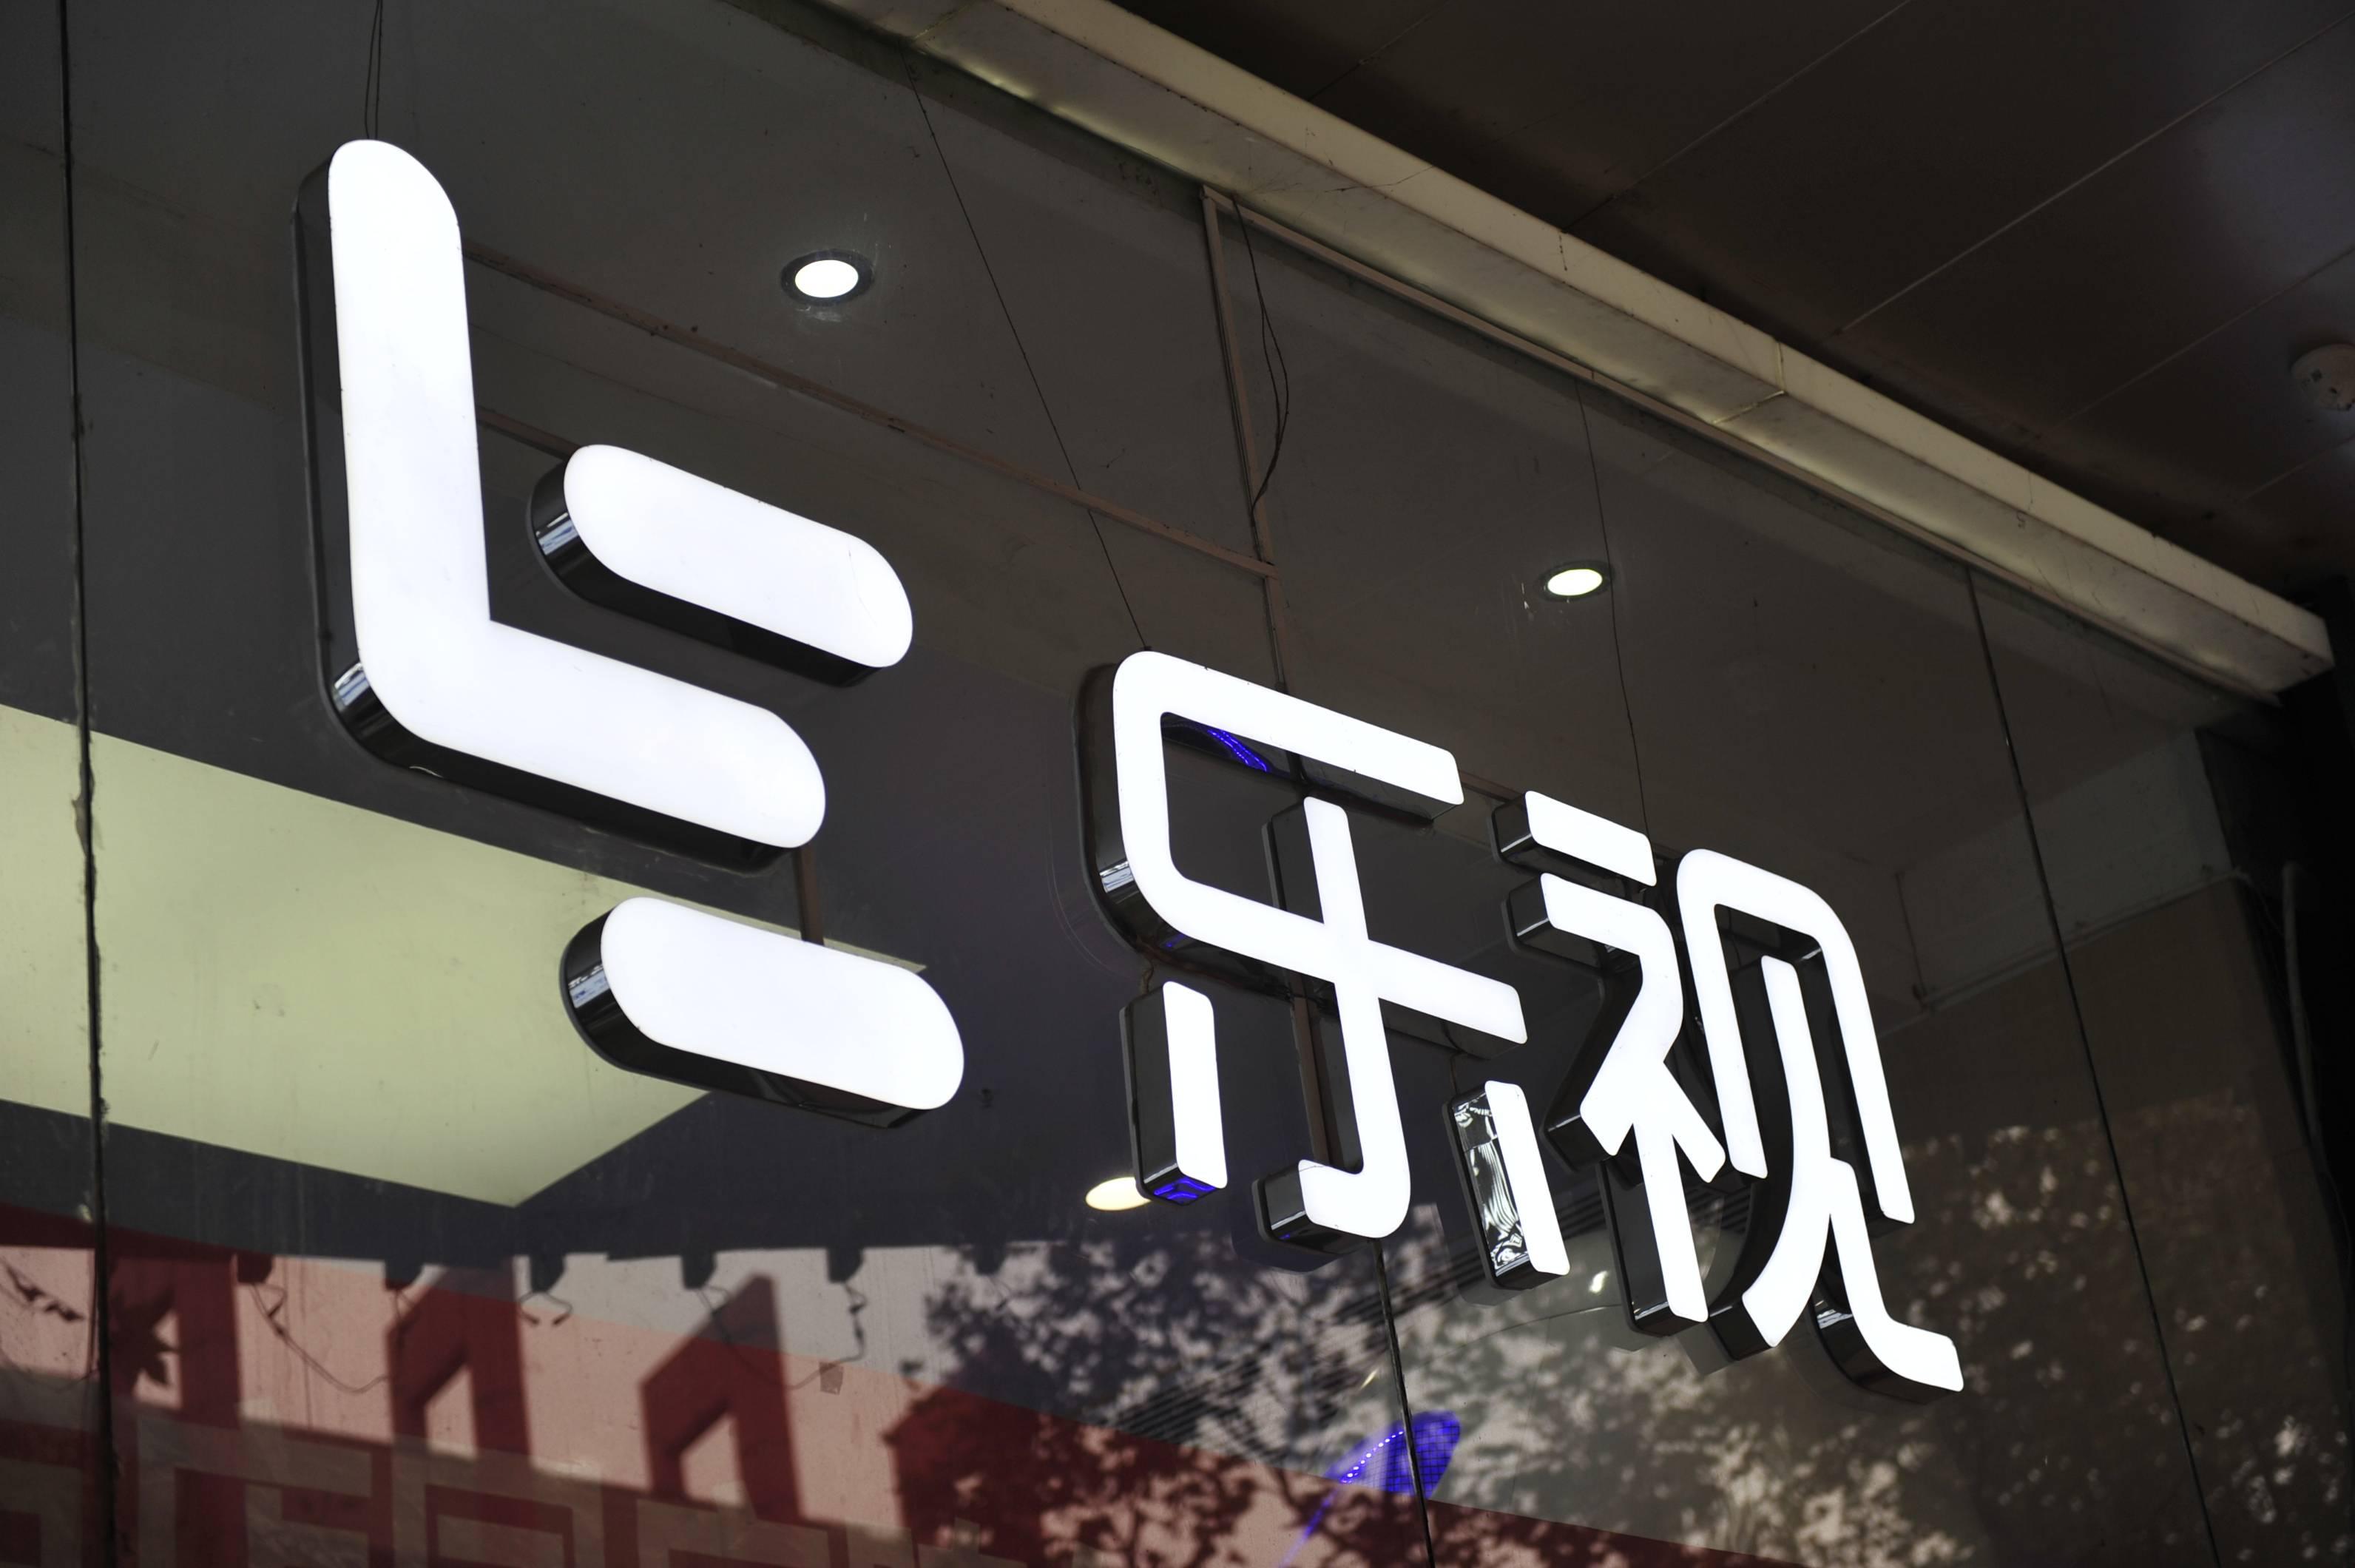 十年造假后,乐视及贾跃亭分别被罚2.41亿元